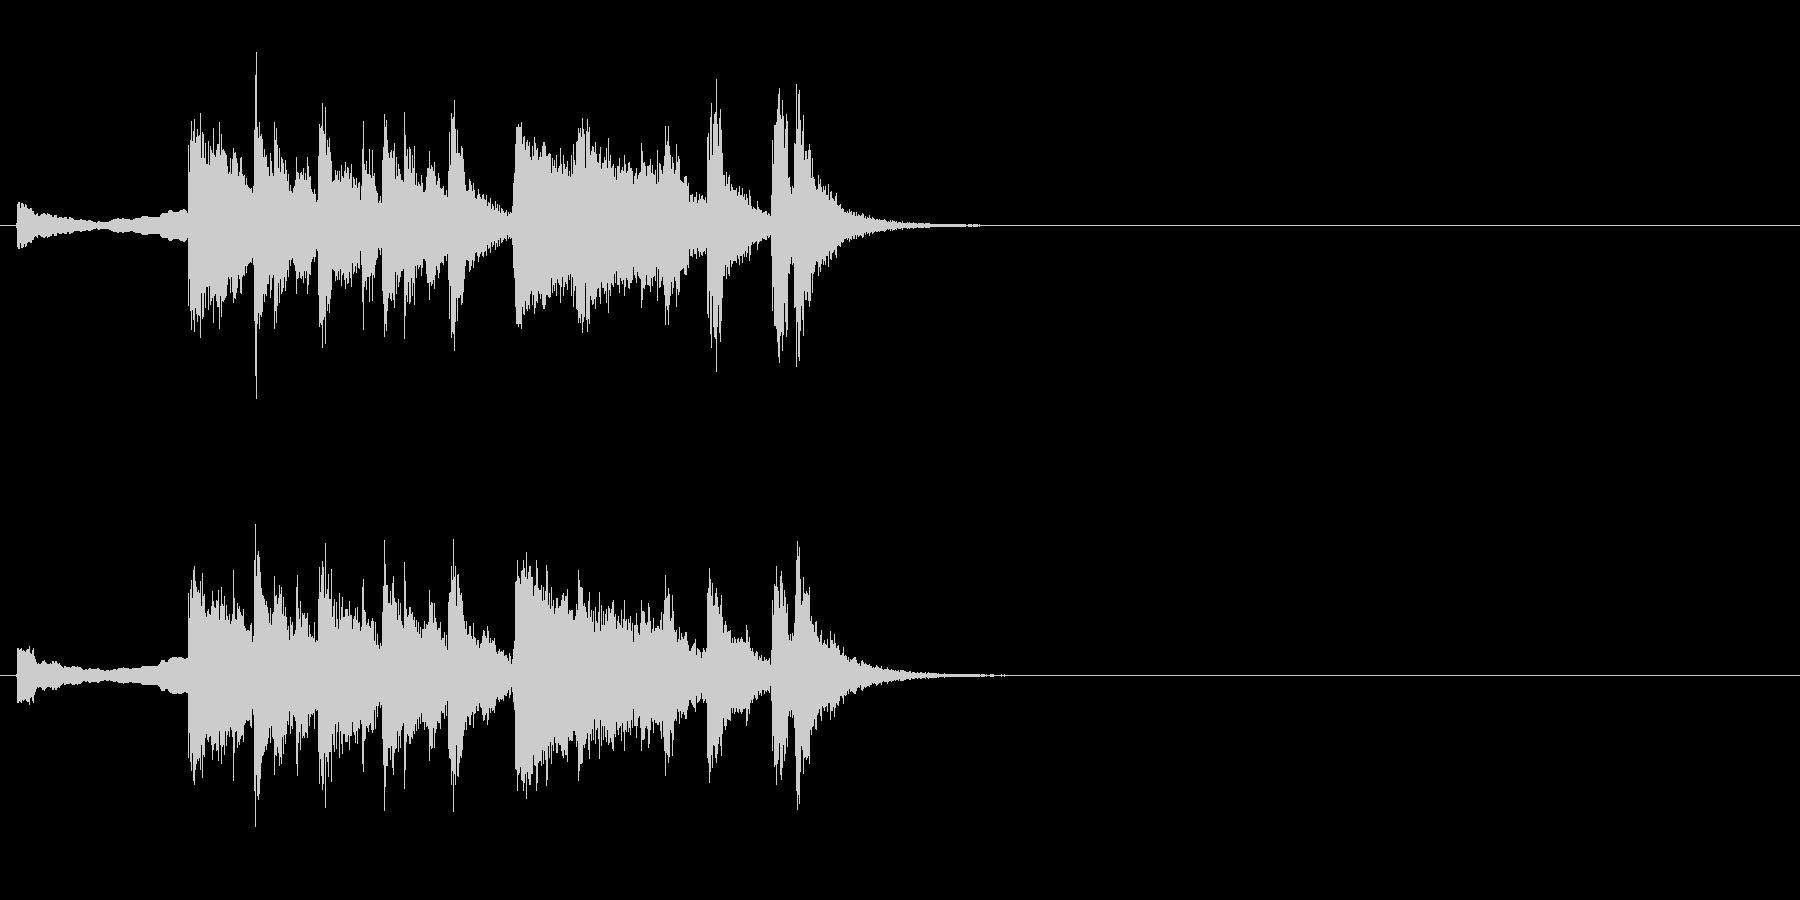 ファンファーレ系ジングルの未再生の波形